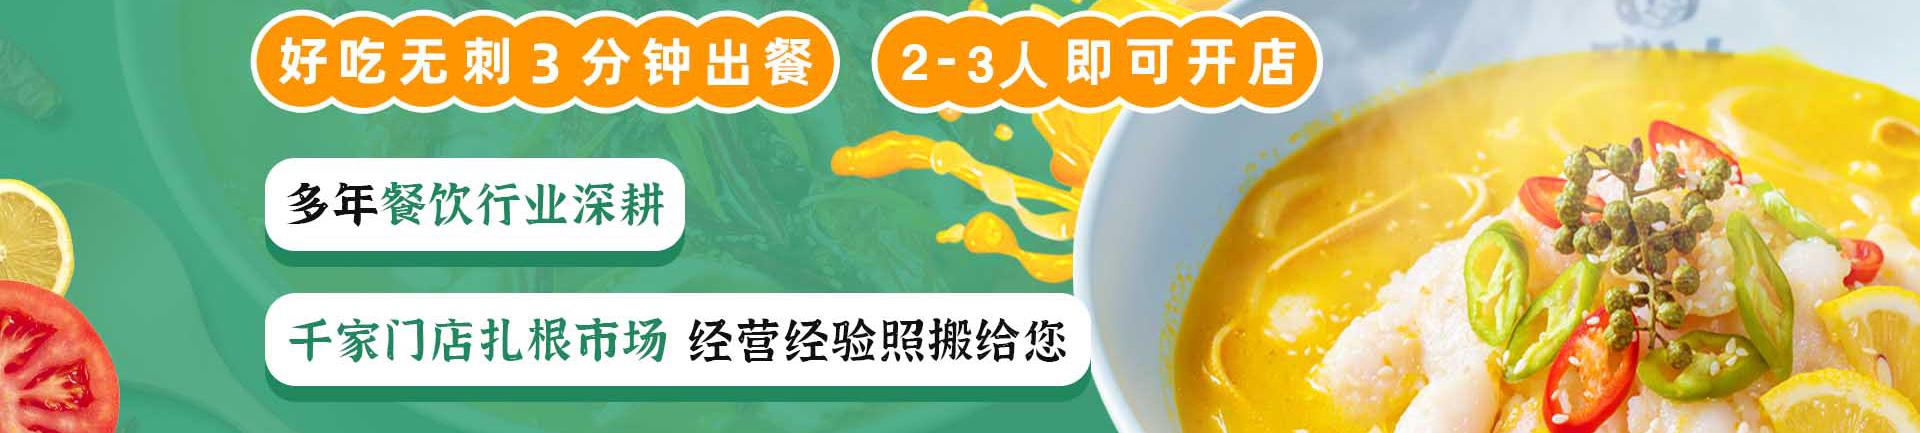 酸小七果味酸汤鱼新版详情页_02